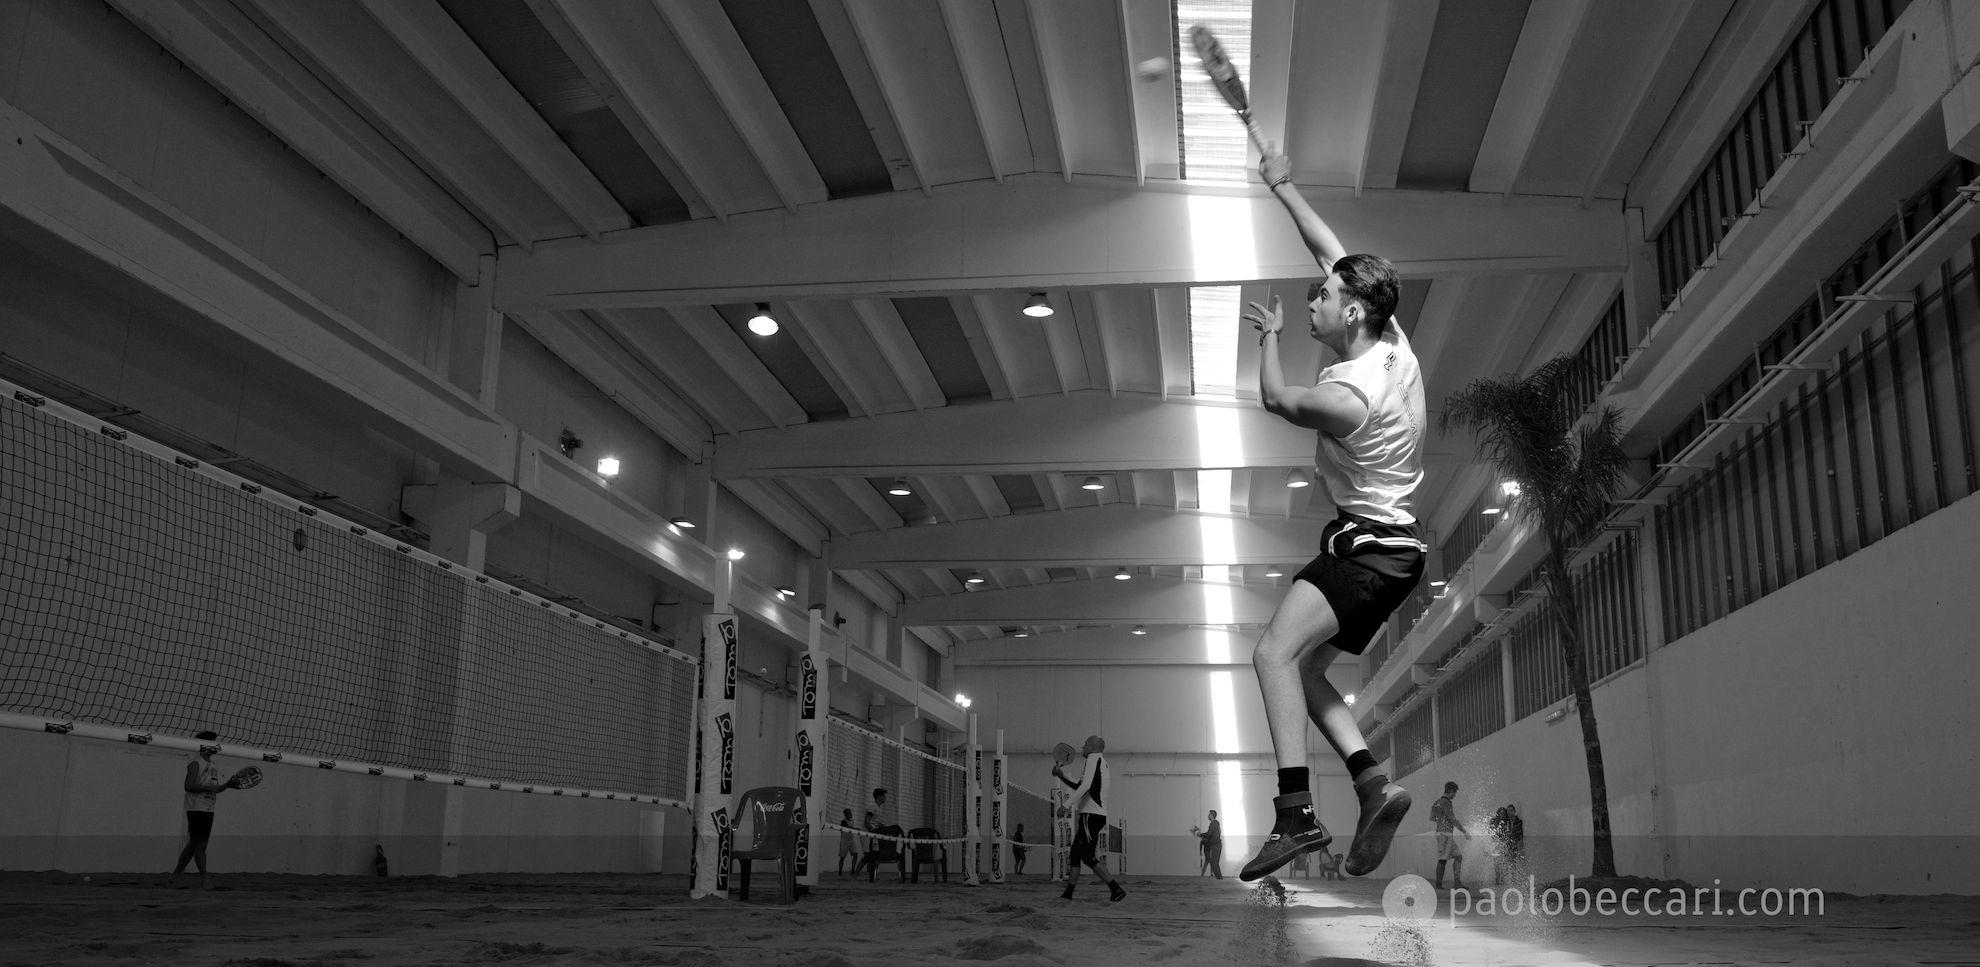 Fotografia di Beach Tennis: salto e smash in un campo indoor.